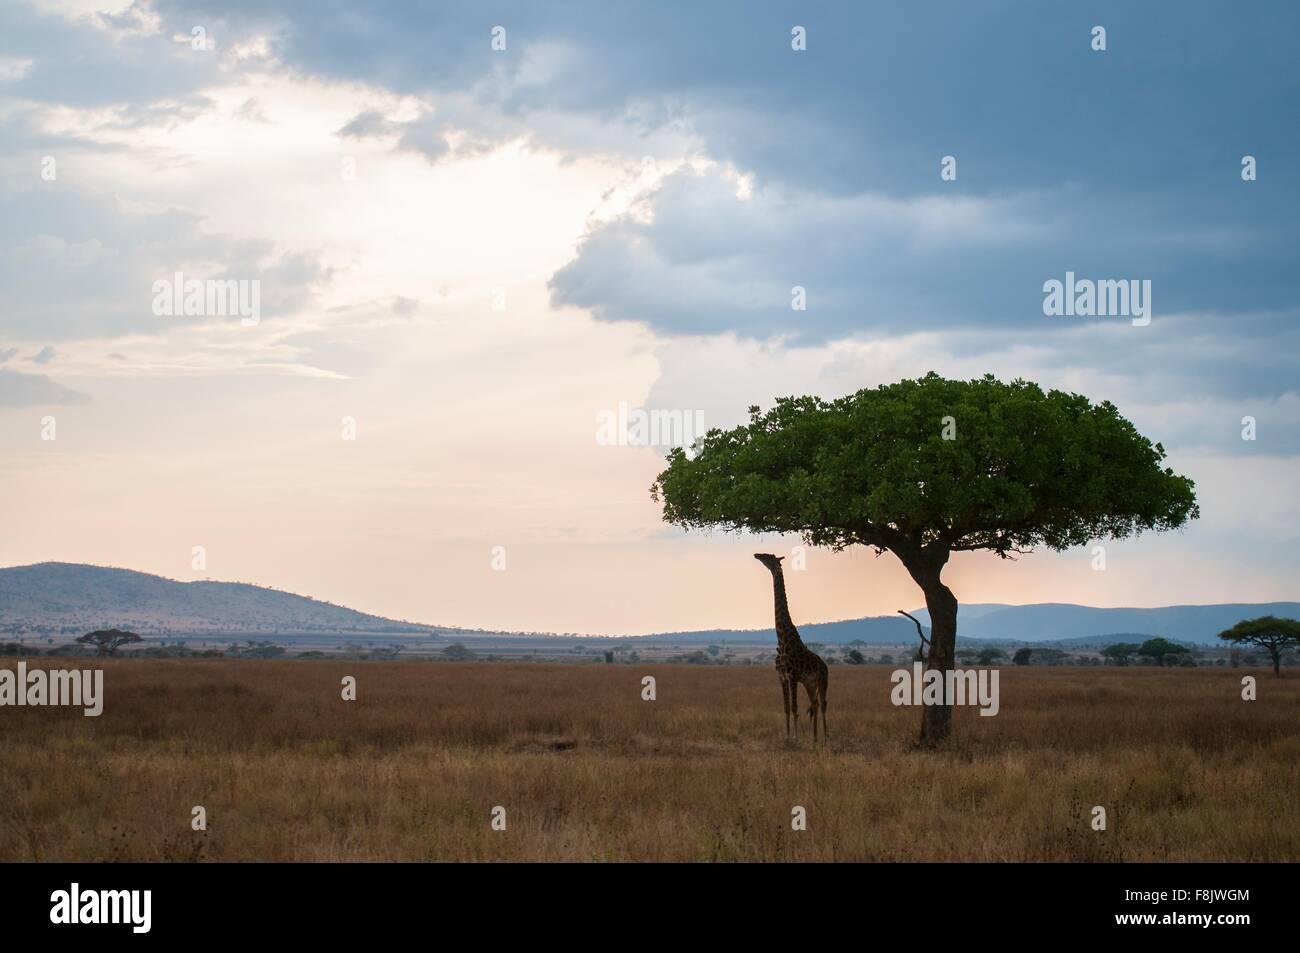 La giraffa per raggiungere le foglie al tramonto, il Masai Mara, Kenya Immagini Stock